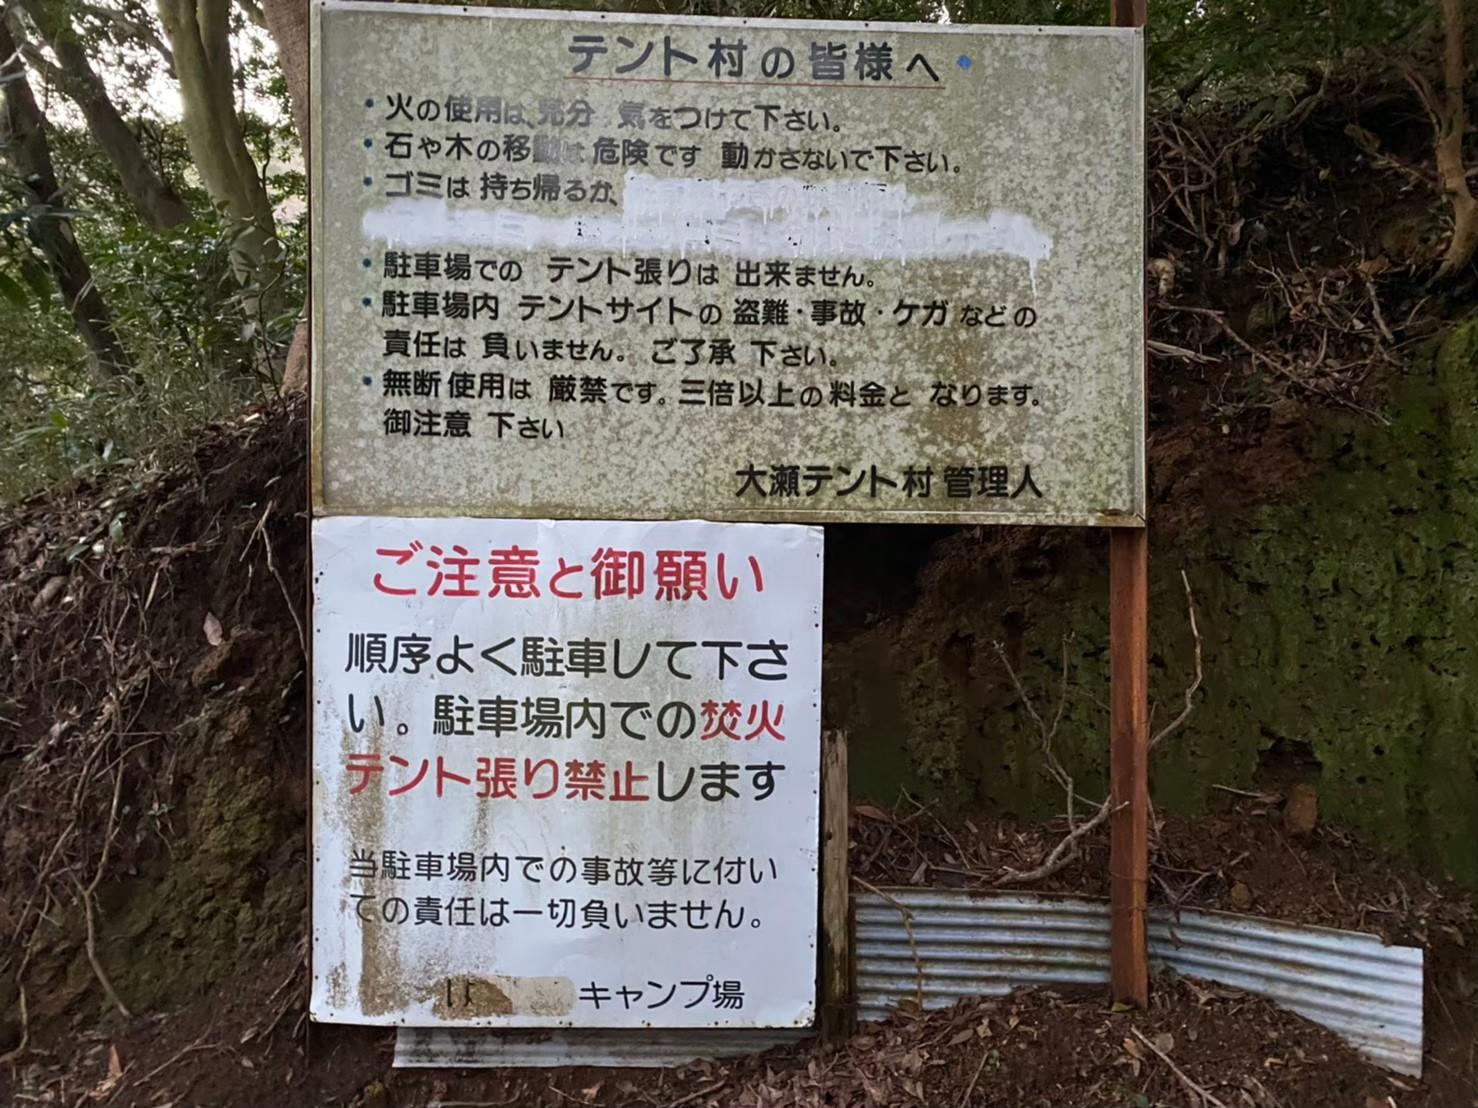 【ビーチまで徒歩圏内!静岡】伊豆の海が近いキャンプ場『大瀬テント村』